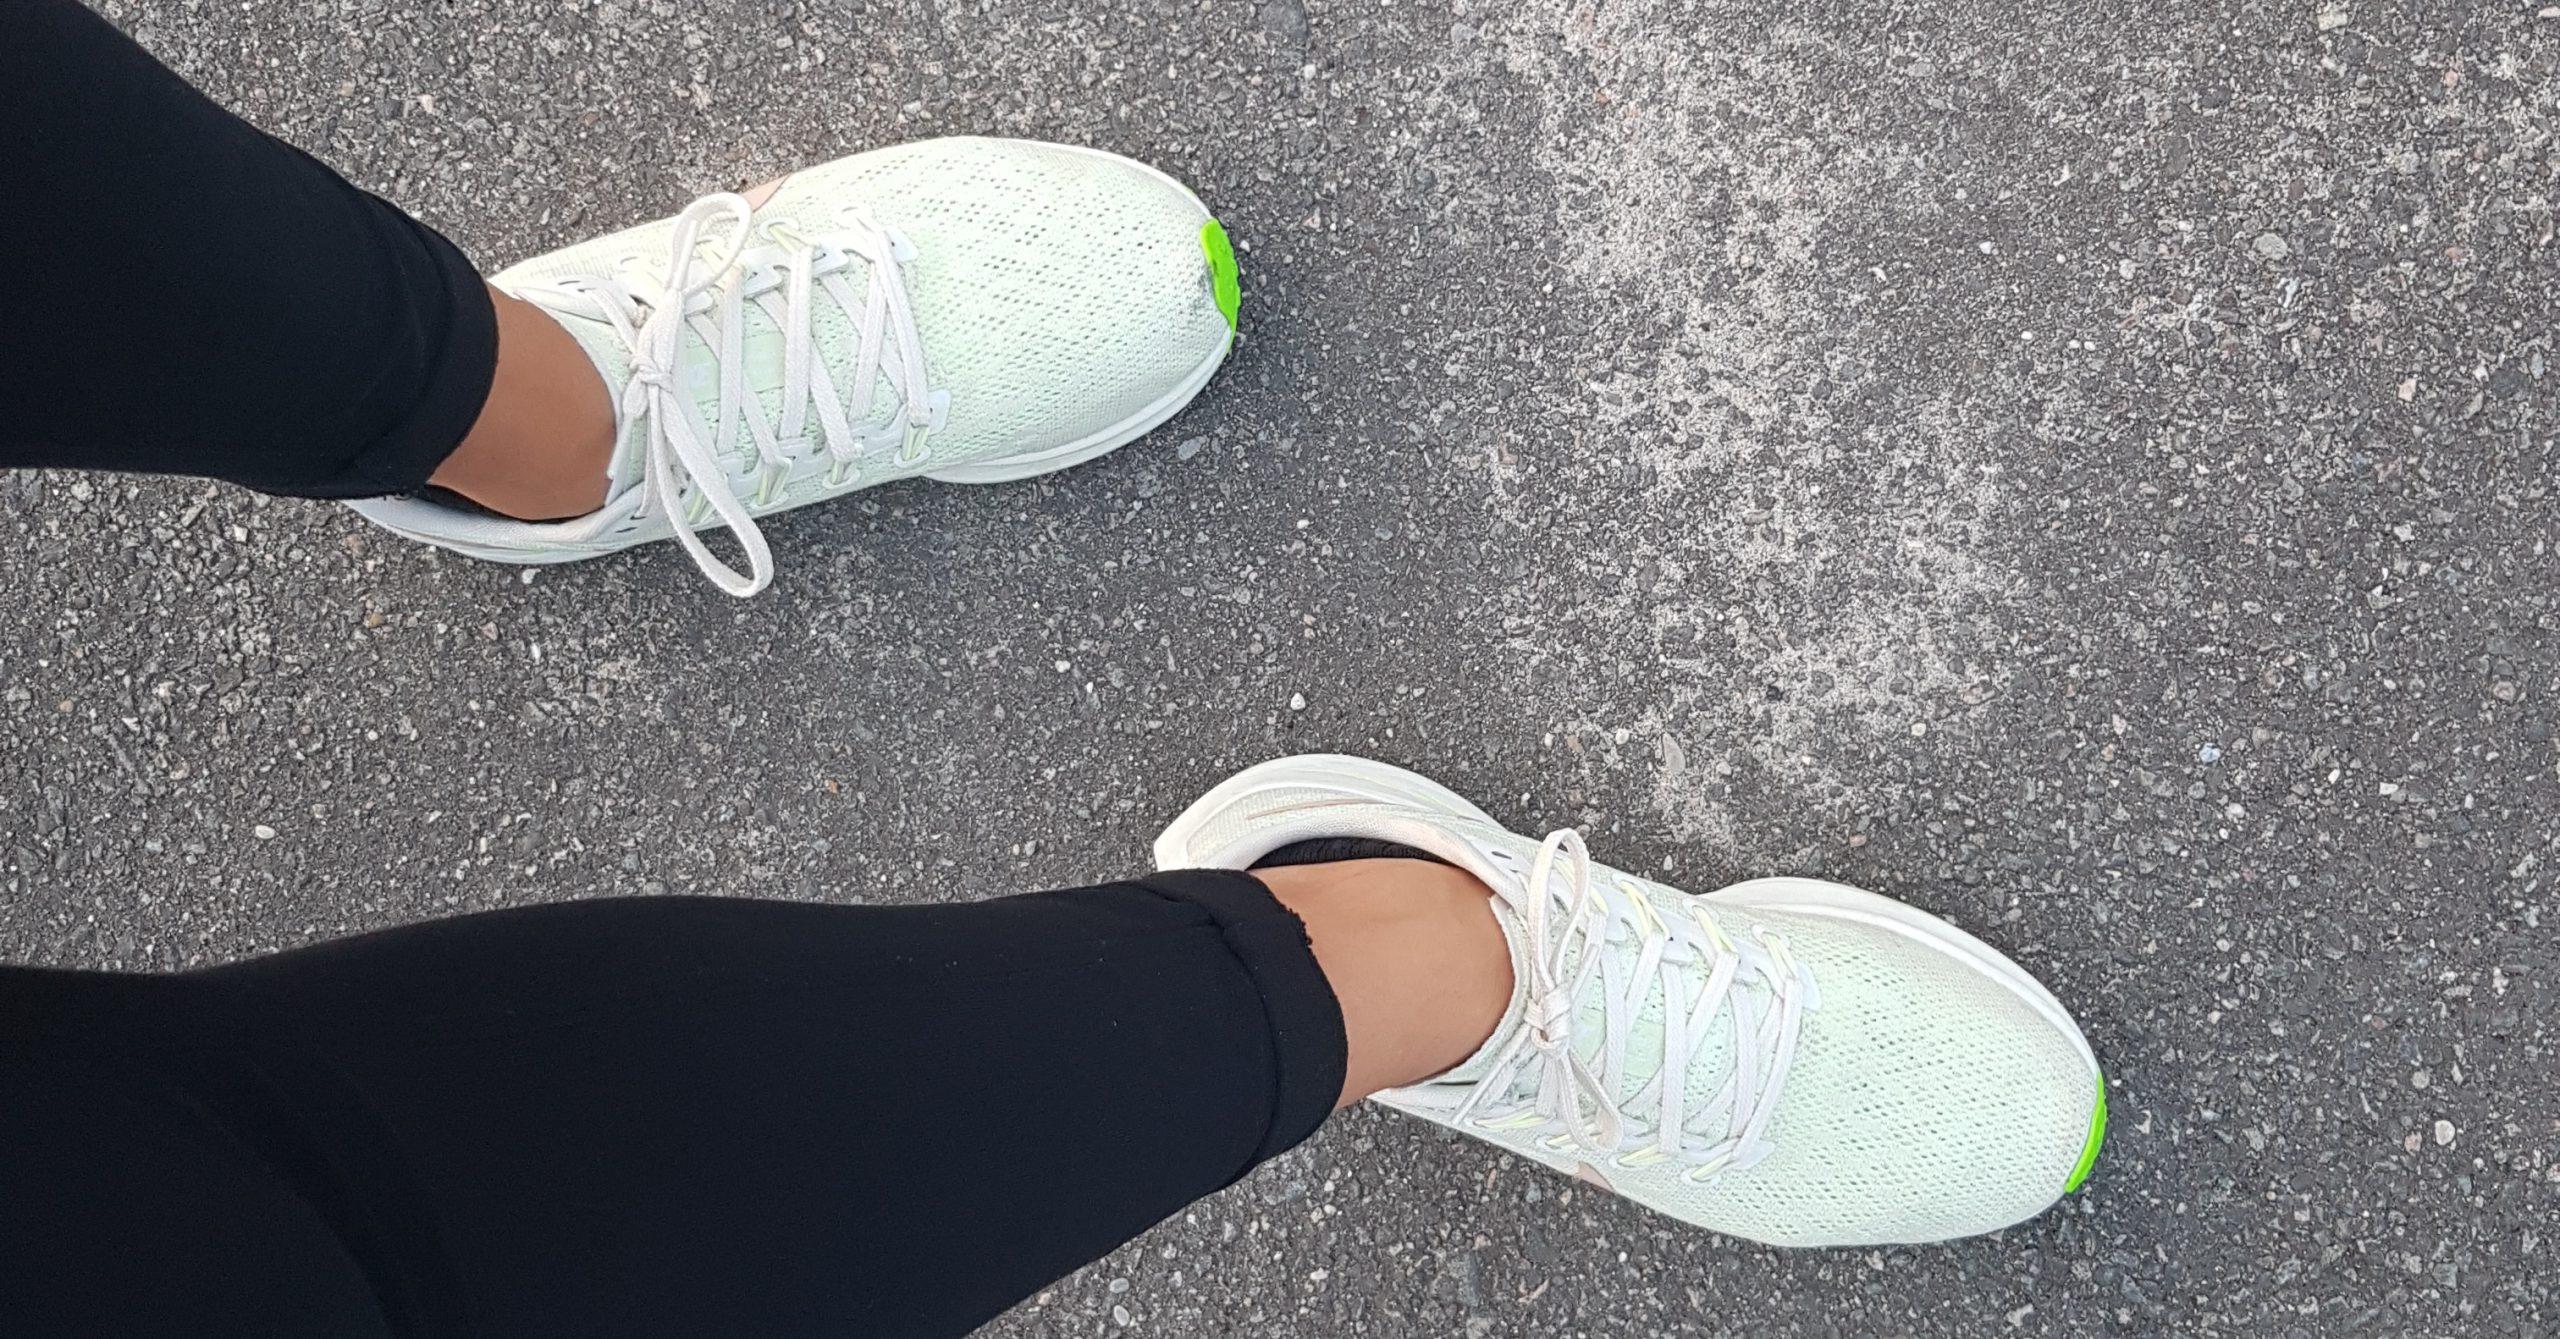 Laufschuh des Monats: Nike Air Zoom Pegasus 36